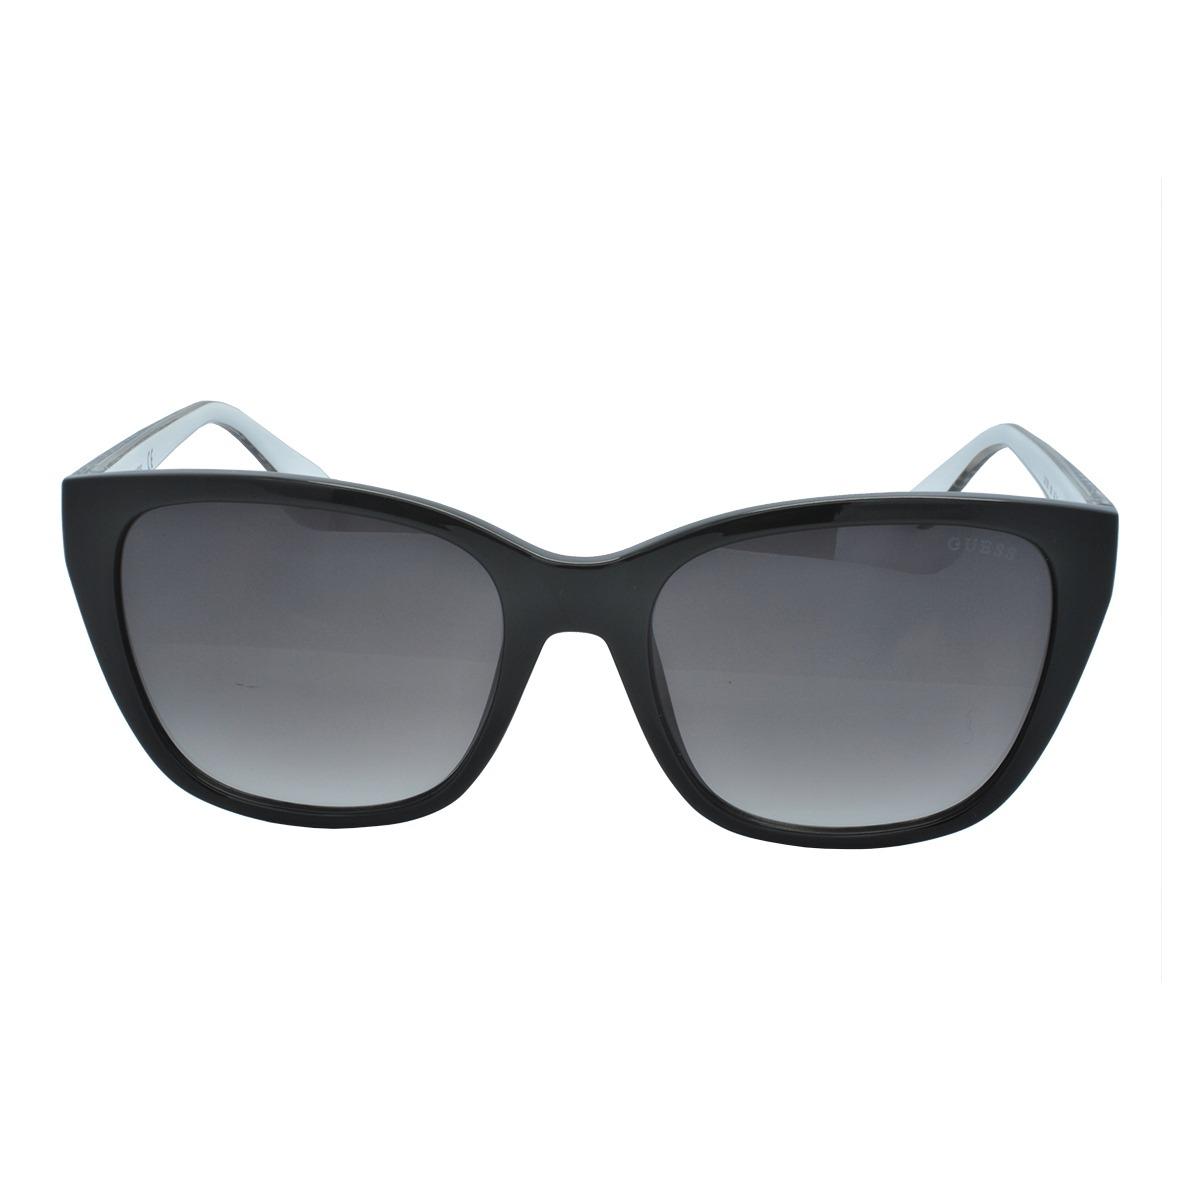 84547bae98ccb óculos de sol guess original feminino gu7593 05b. Carregando zoom.